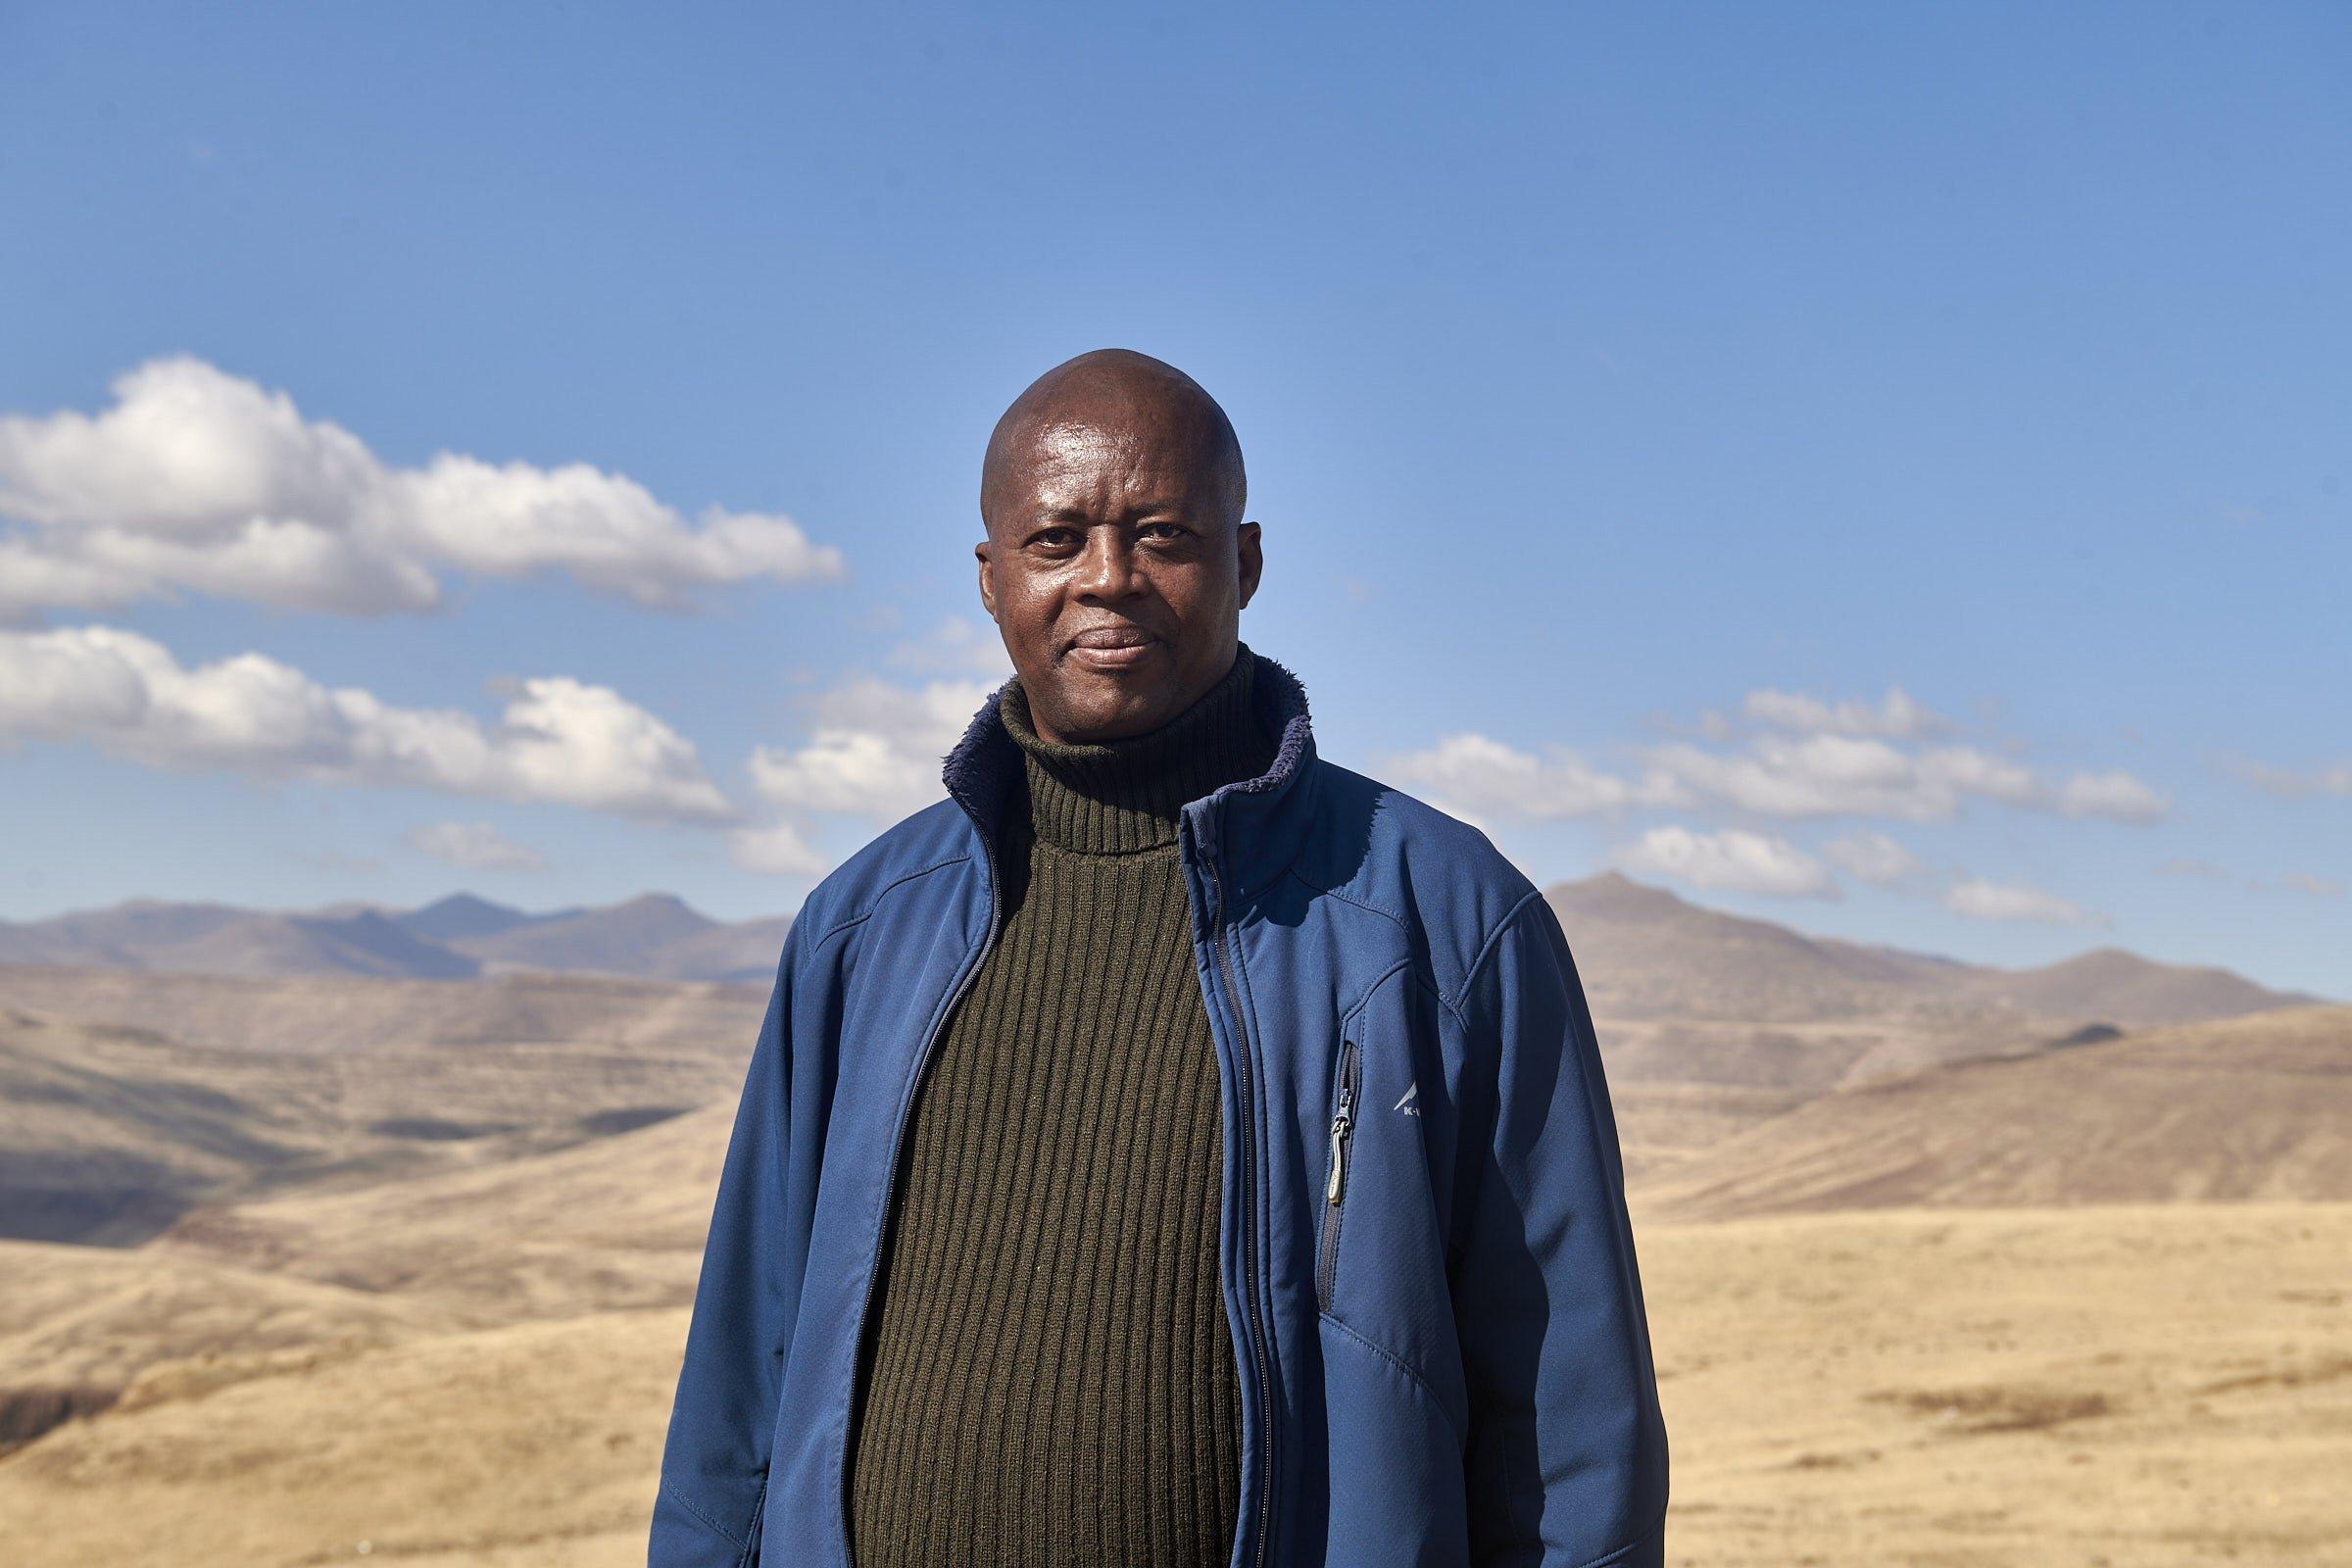 Seqhee steht vor der Berglandschaft, er trägt einen Rollkragen-Pullover, eine blaue Jacke und schaut in die Kamera